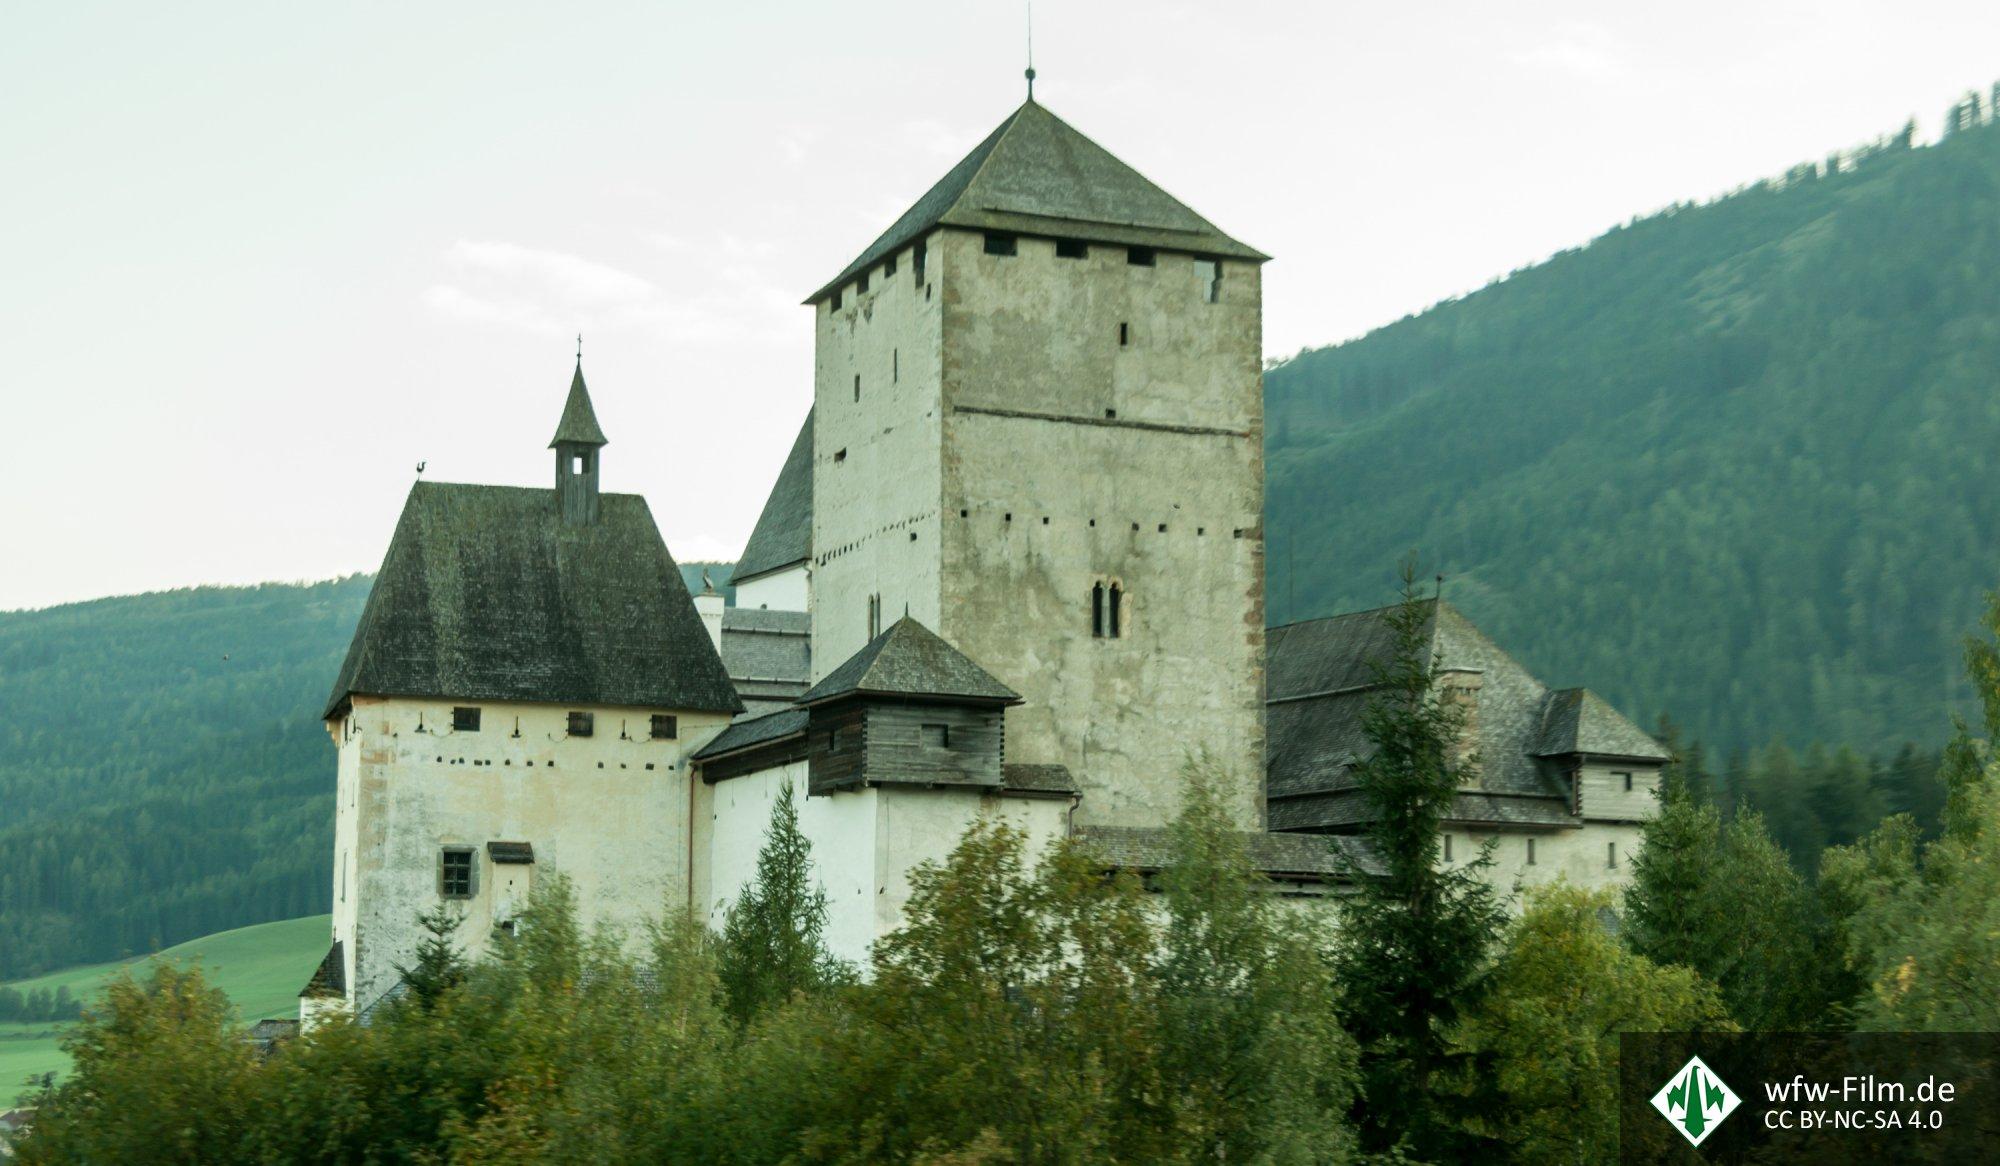 Burg Im Mittelalter Arbeitsblatt : Mittelalter ‒ burg und burgbau wfw film